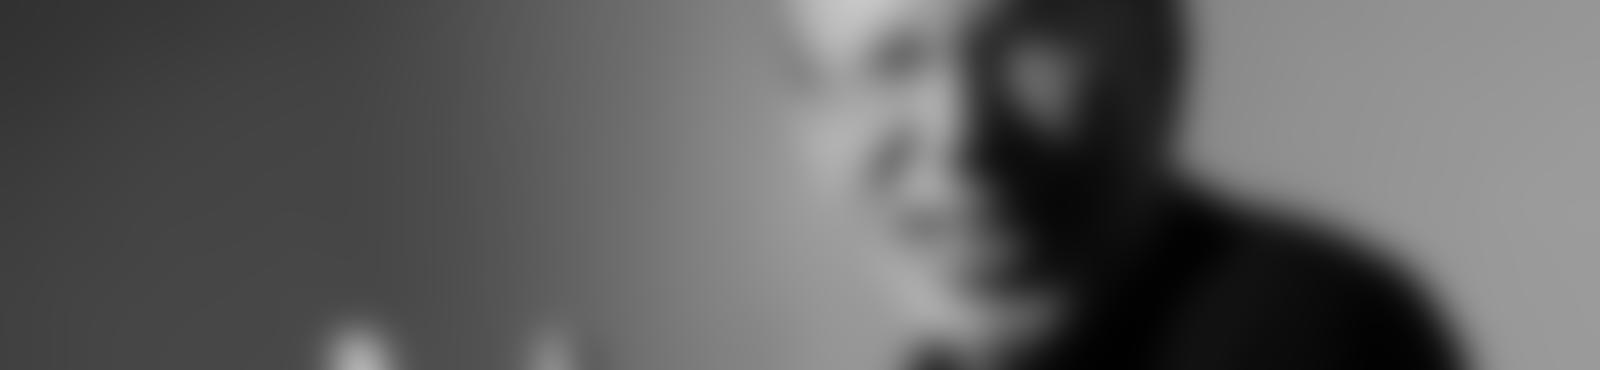 Blurred a2b2d36c 9f95 4410 9446 b8a313c72fc1